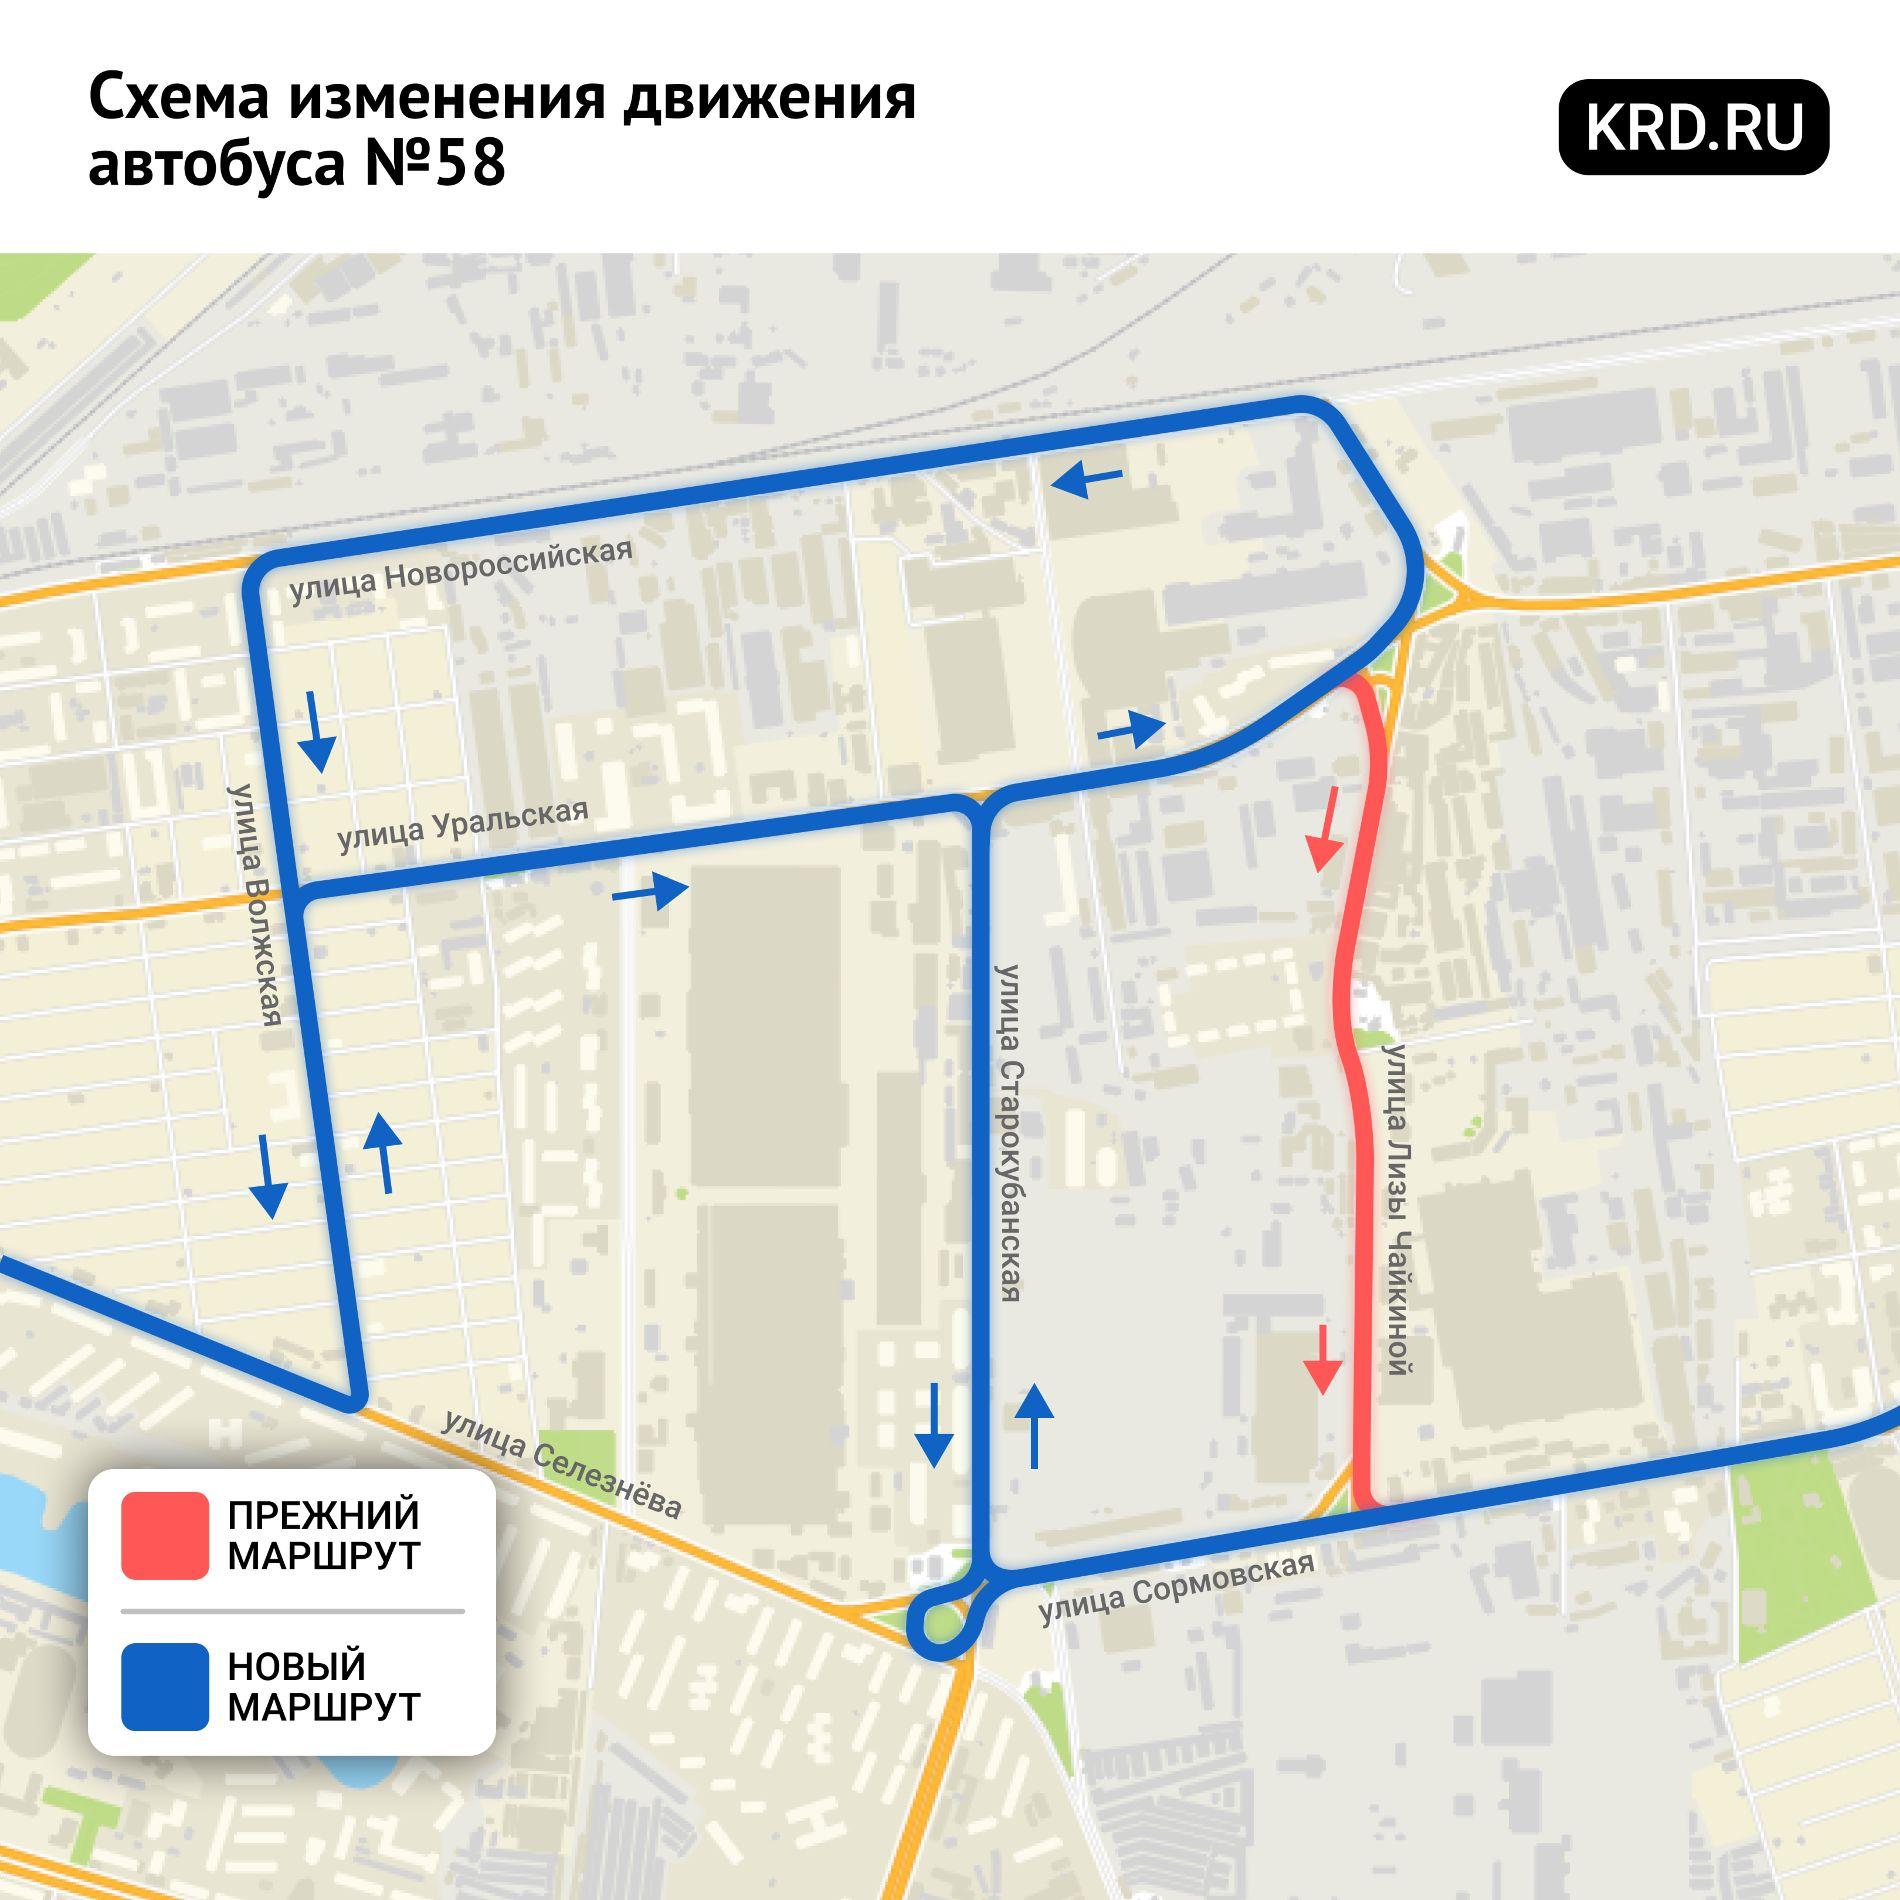 Временная схема маршрута автобуса № 58 ©Графика пресс-службы администрации Краснодара